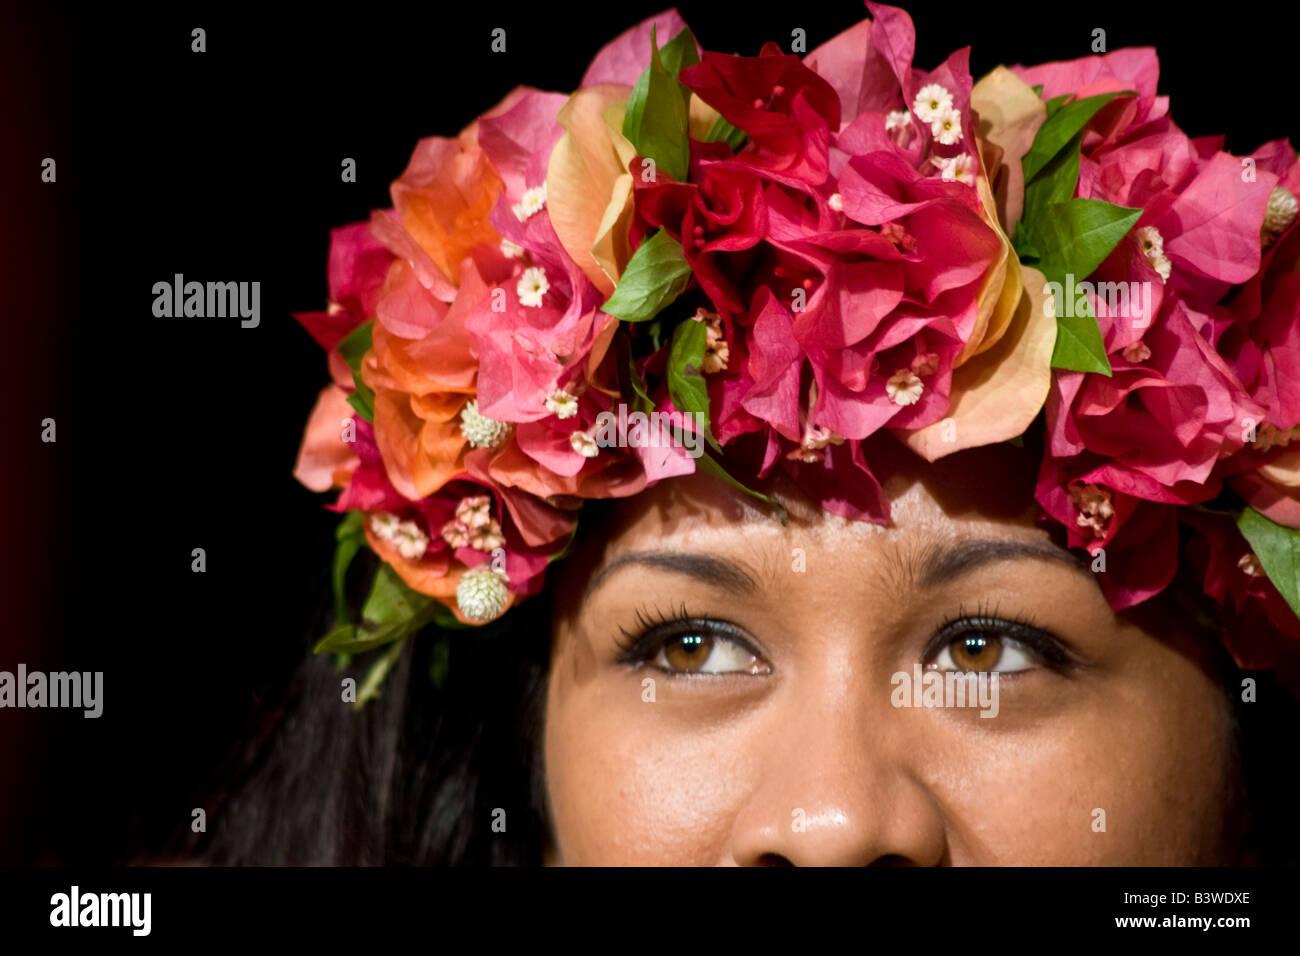 La Polynesie Francaise Une Couronne De Fleurs Sur La Tete D Une